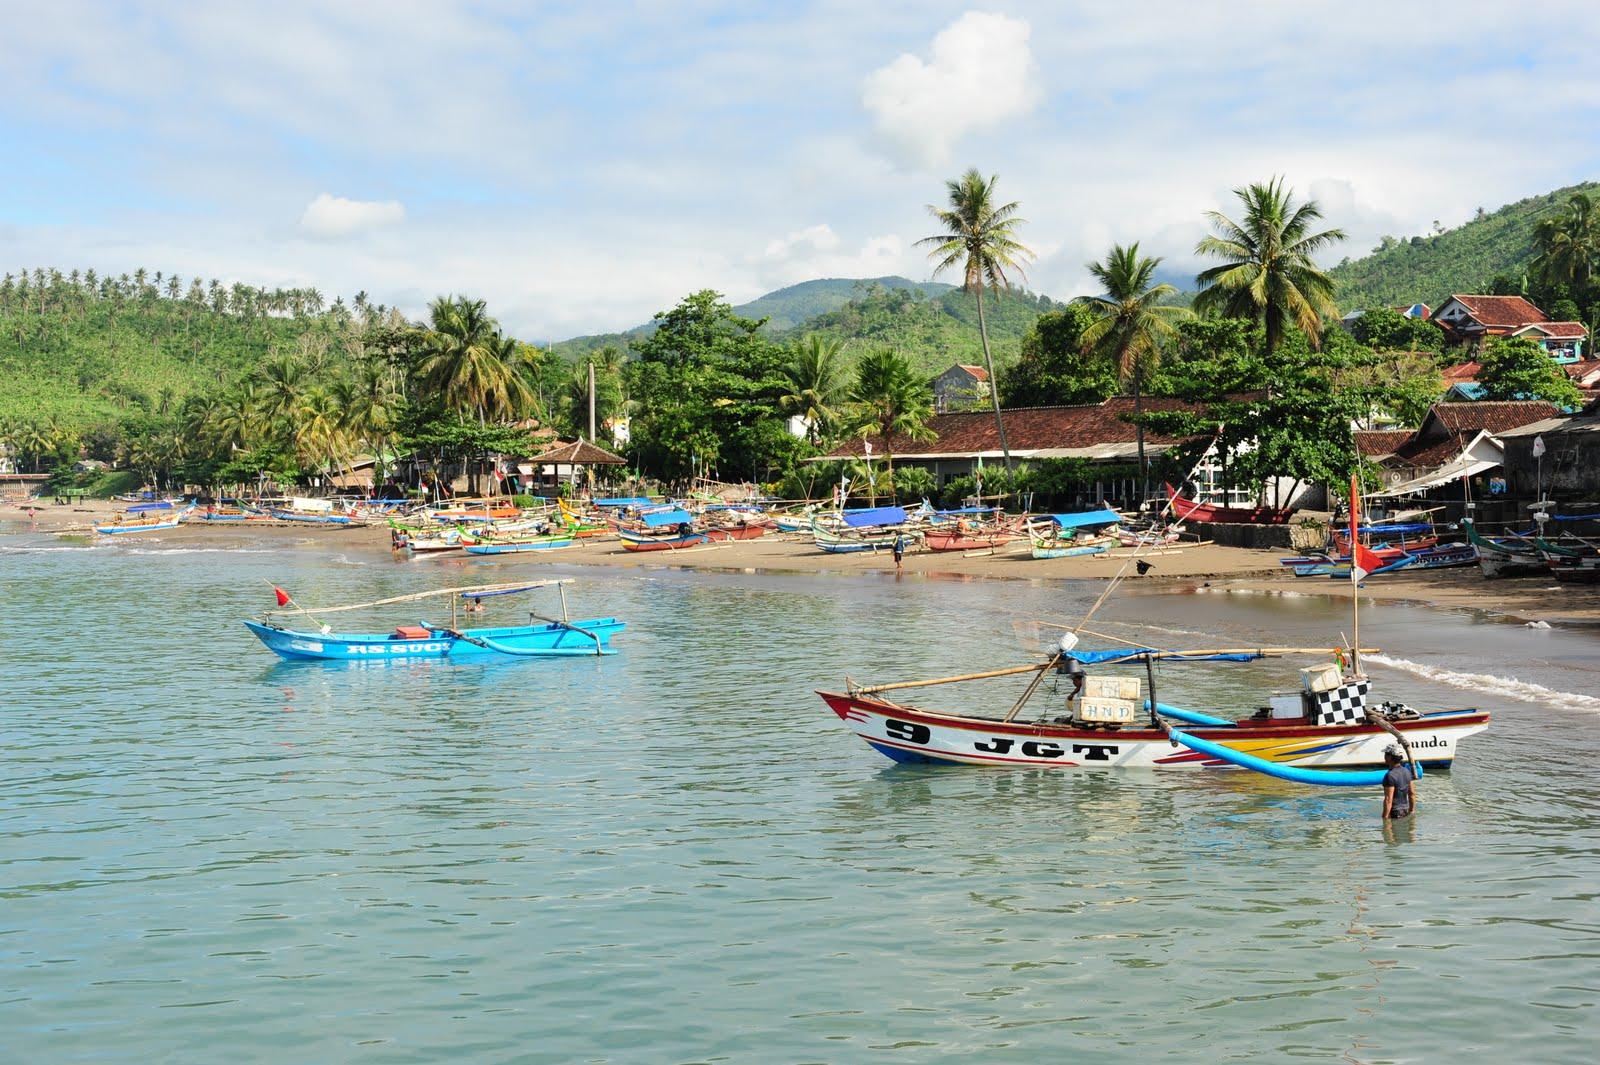 Pelabuhan Ratu Indonesia  City pictures : Kirimkan Ini lewat Email BlogThis! Berbagi ke Twitter Berbagi ke ...